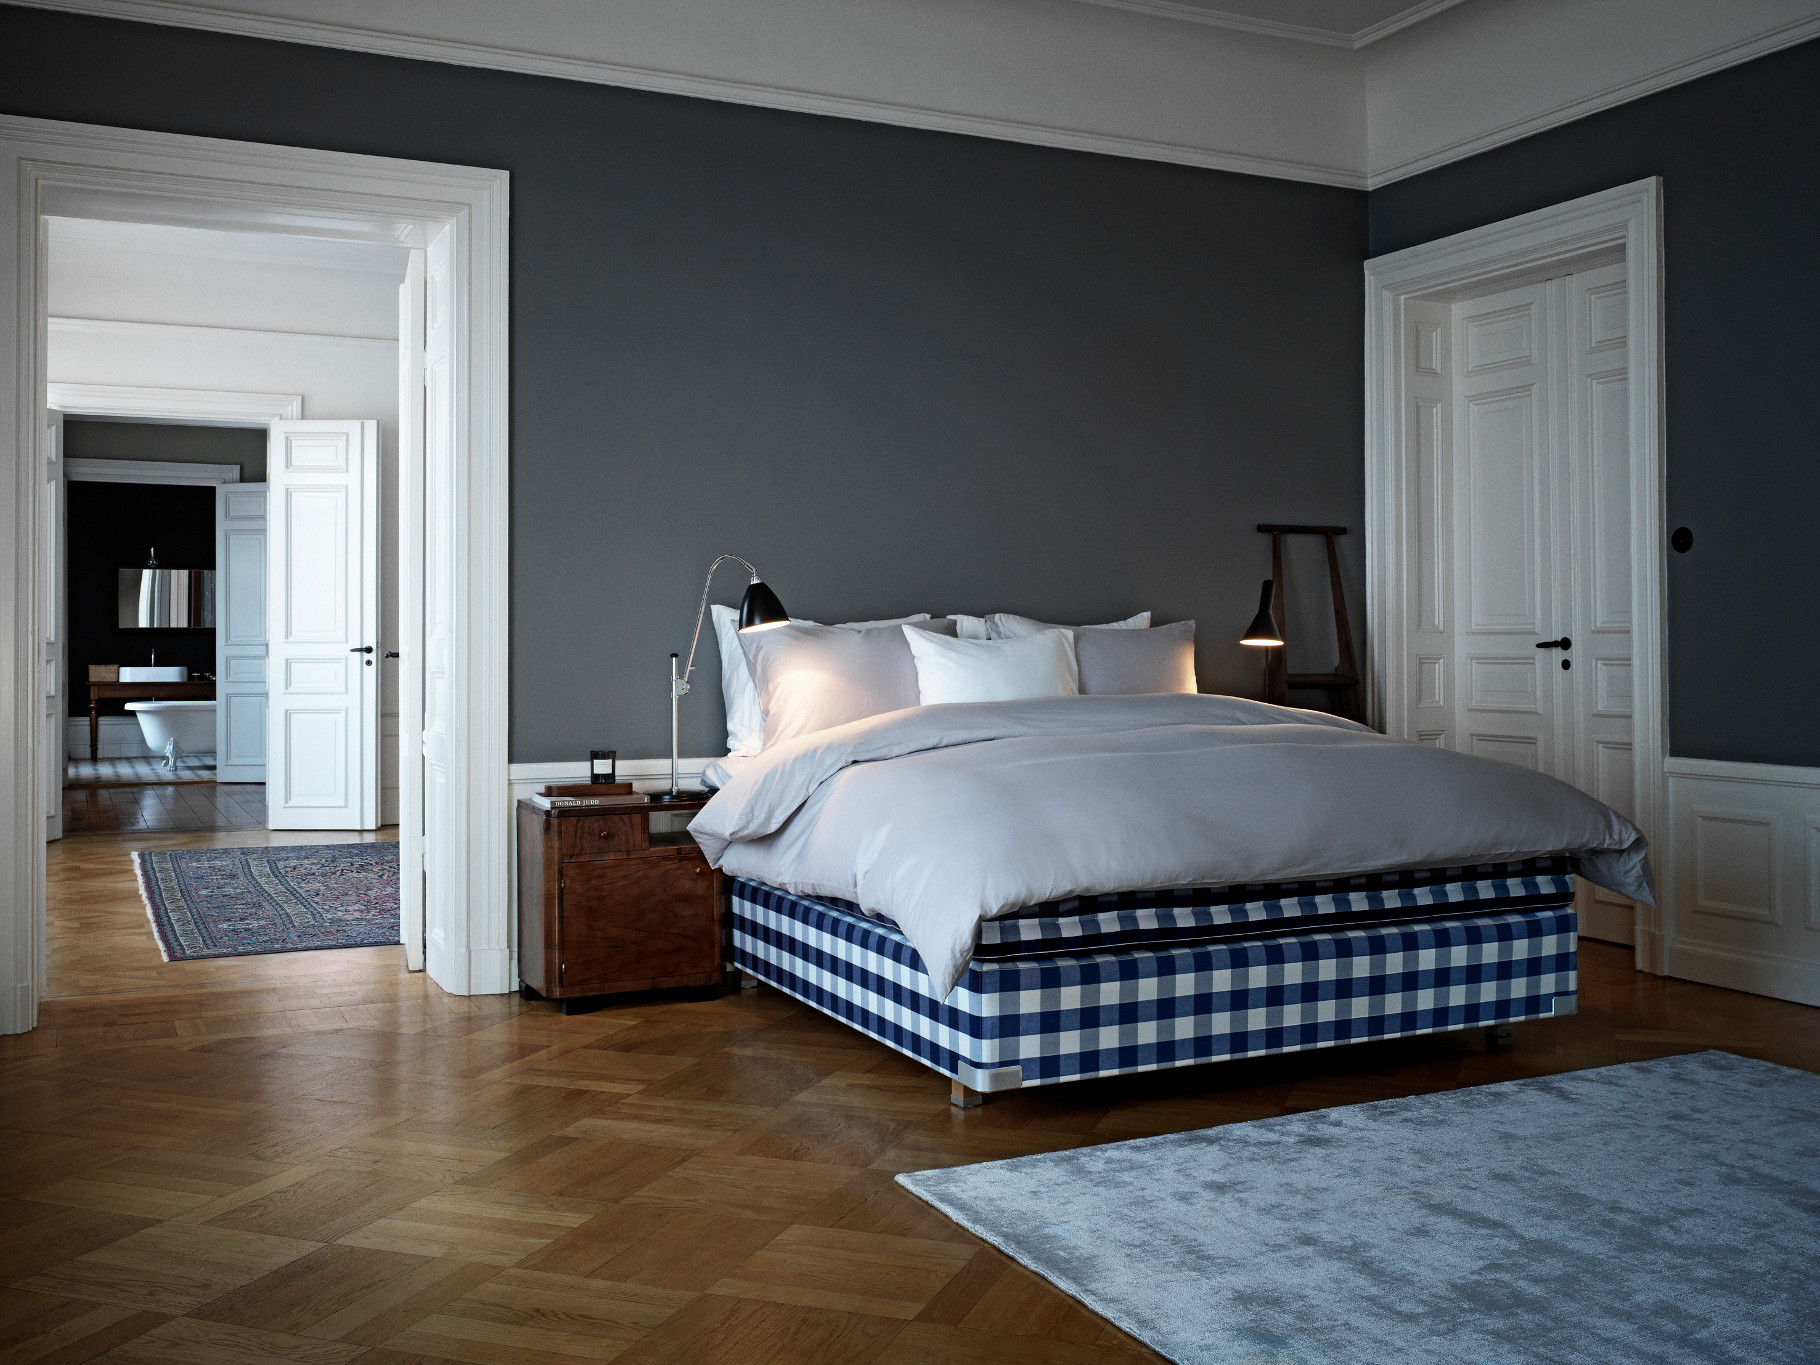 Hästens Betten schwedischer schlaf in hamburg hästens store hamburg